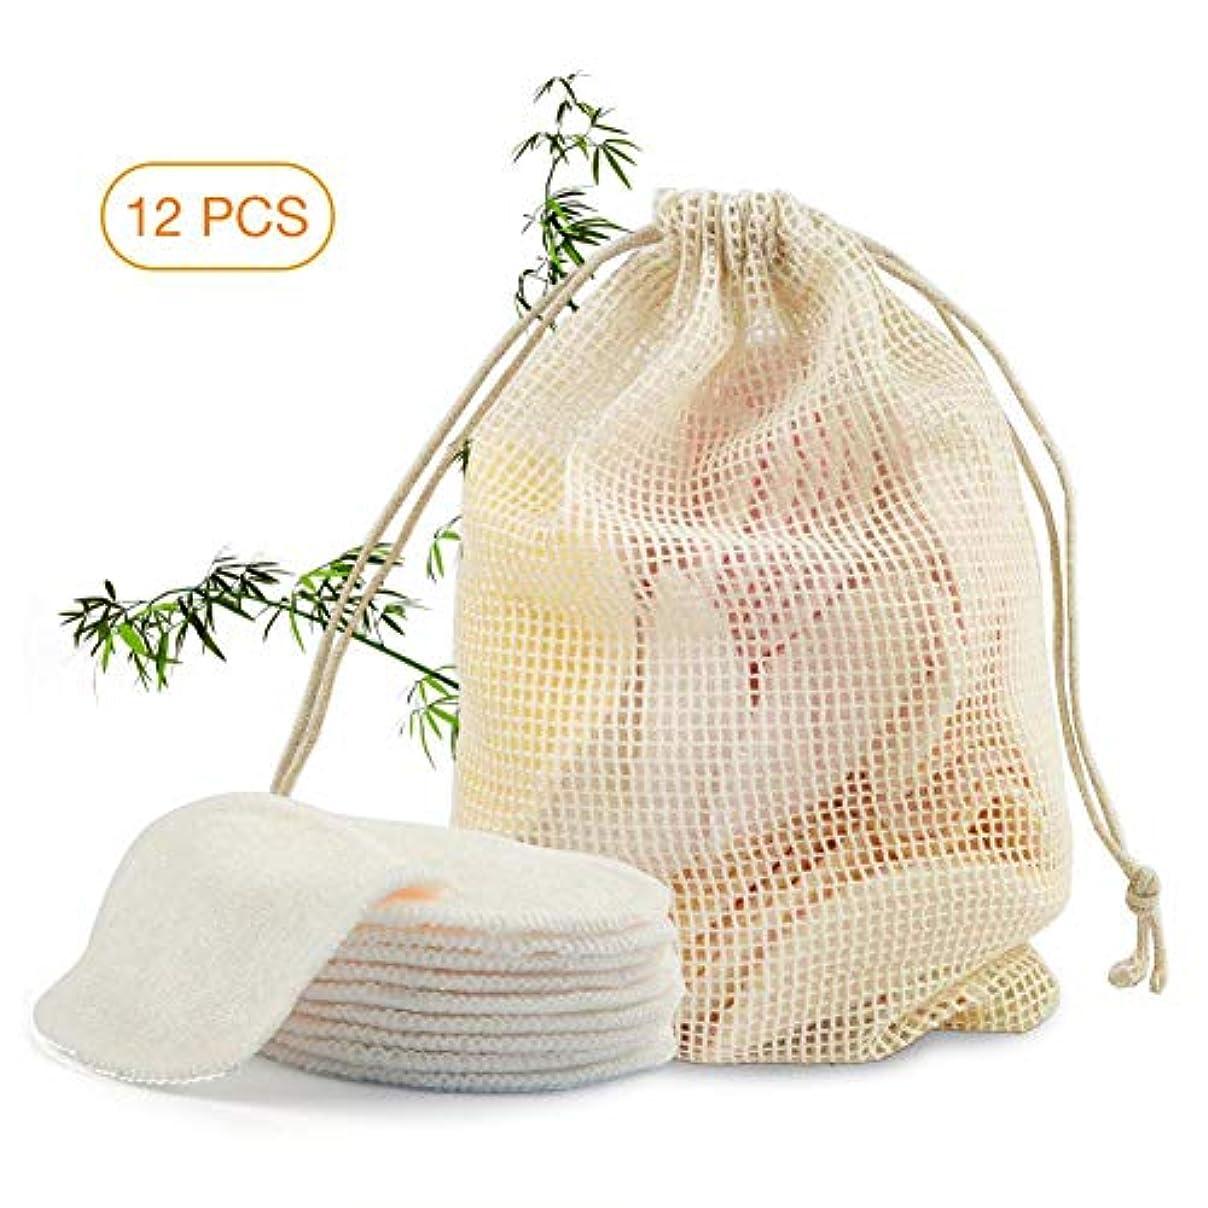 参照成熟コピー12Pcs 化粧リムーバーパッド 層竹繊維 化粧リムーバー 洗える 化粧コットン 洗浄顔スキンクリーニング 8センチ